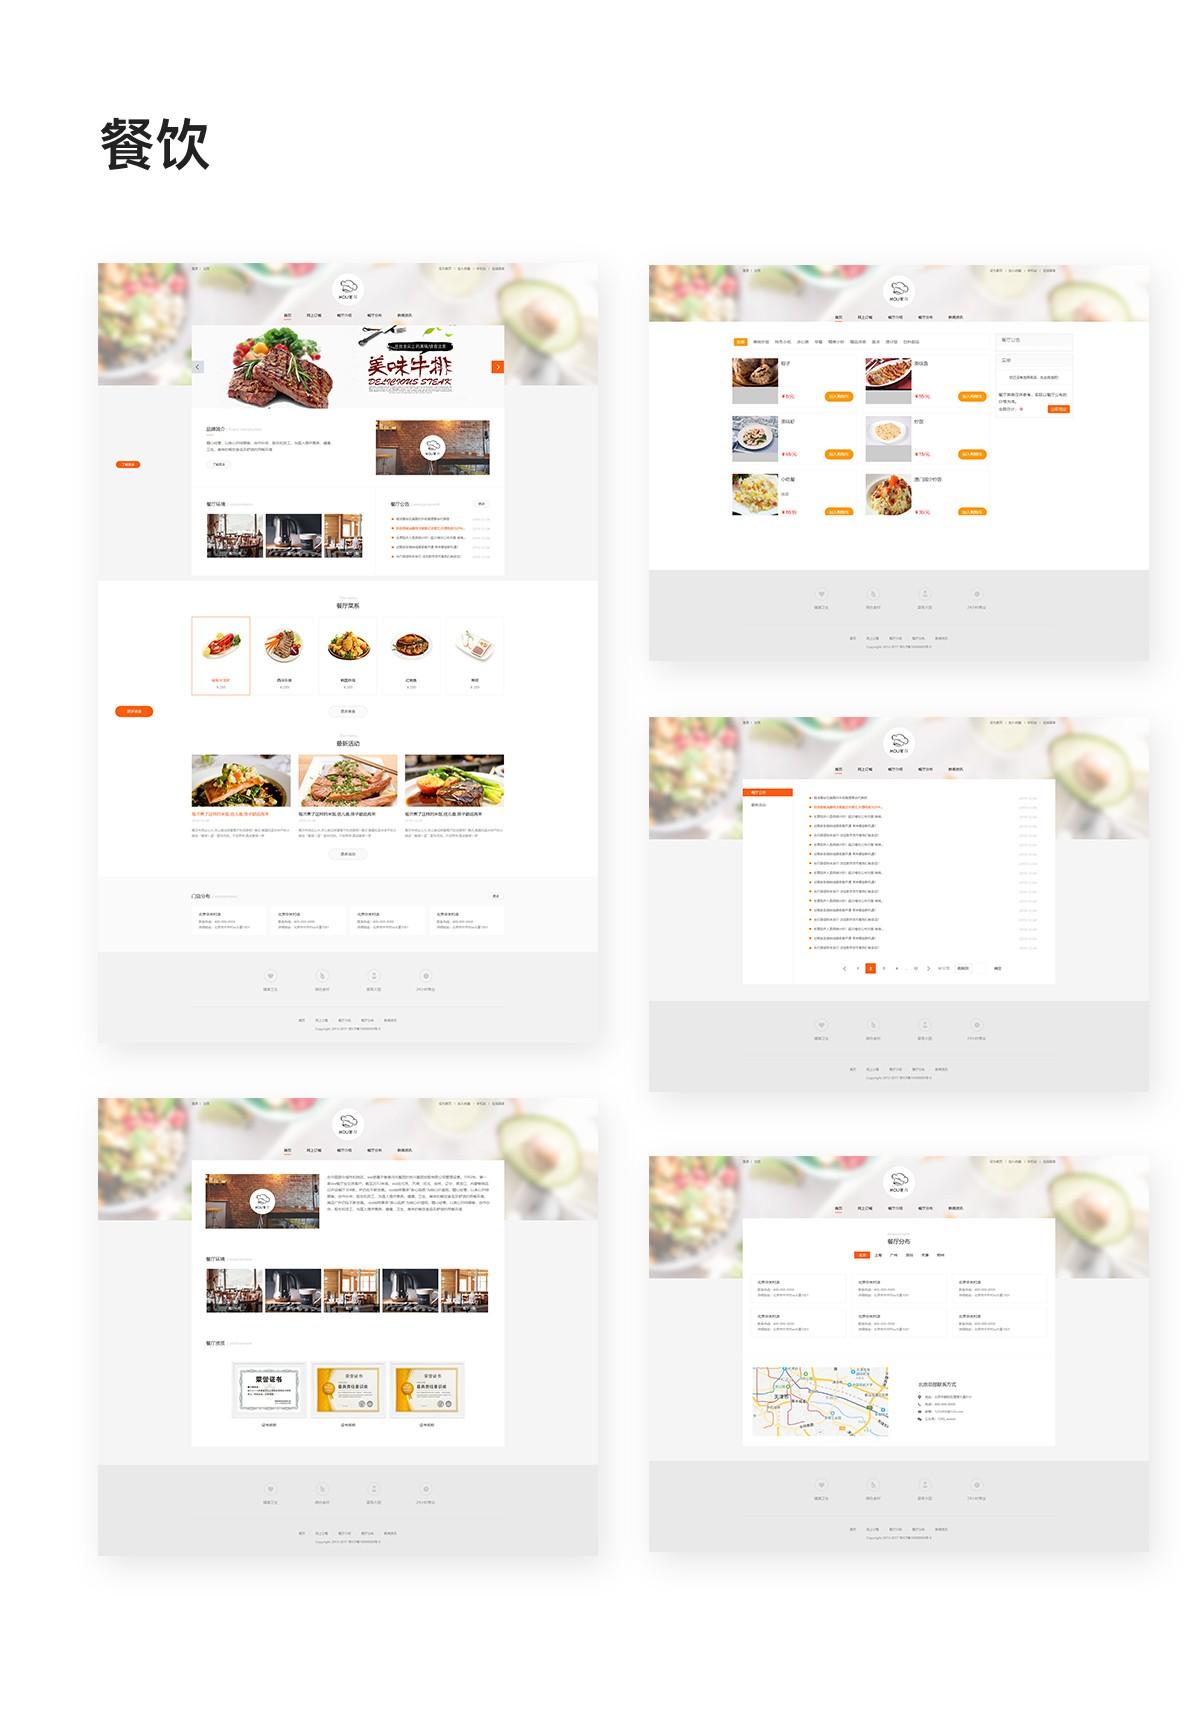 重慶餐飲公司-重慶餐飲系統